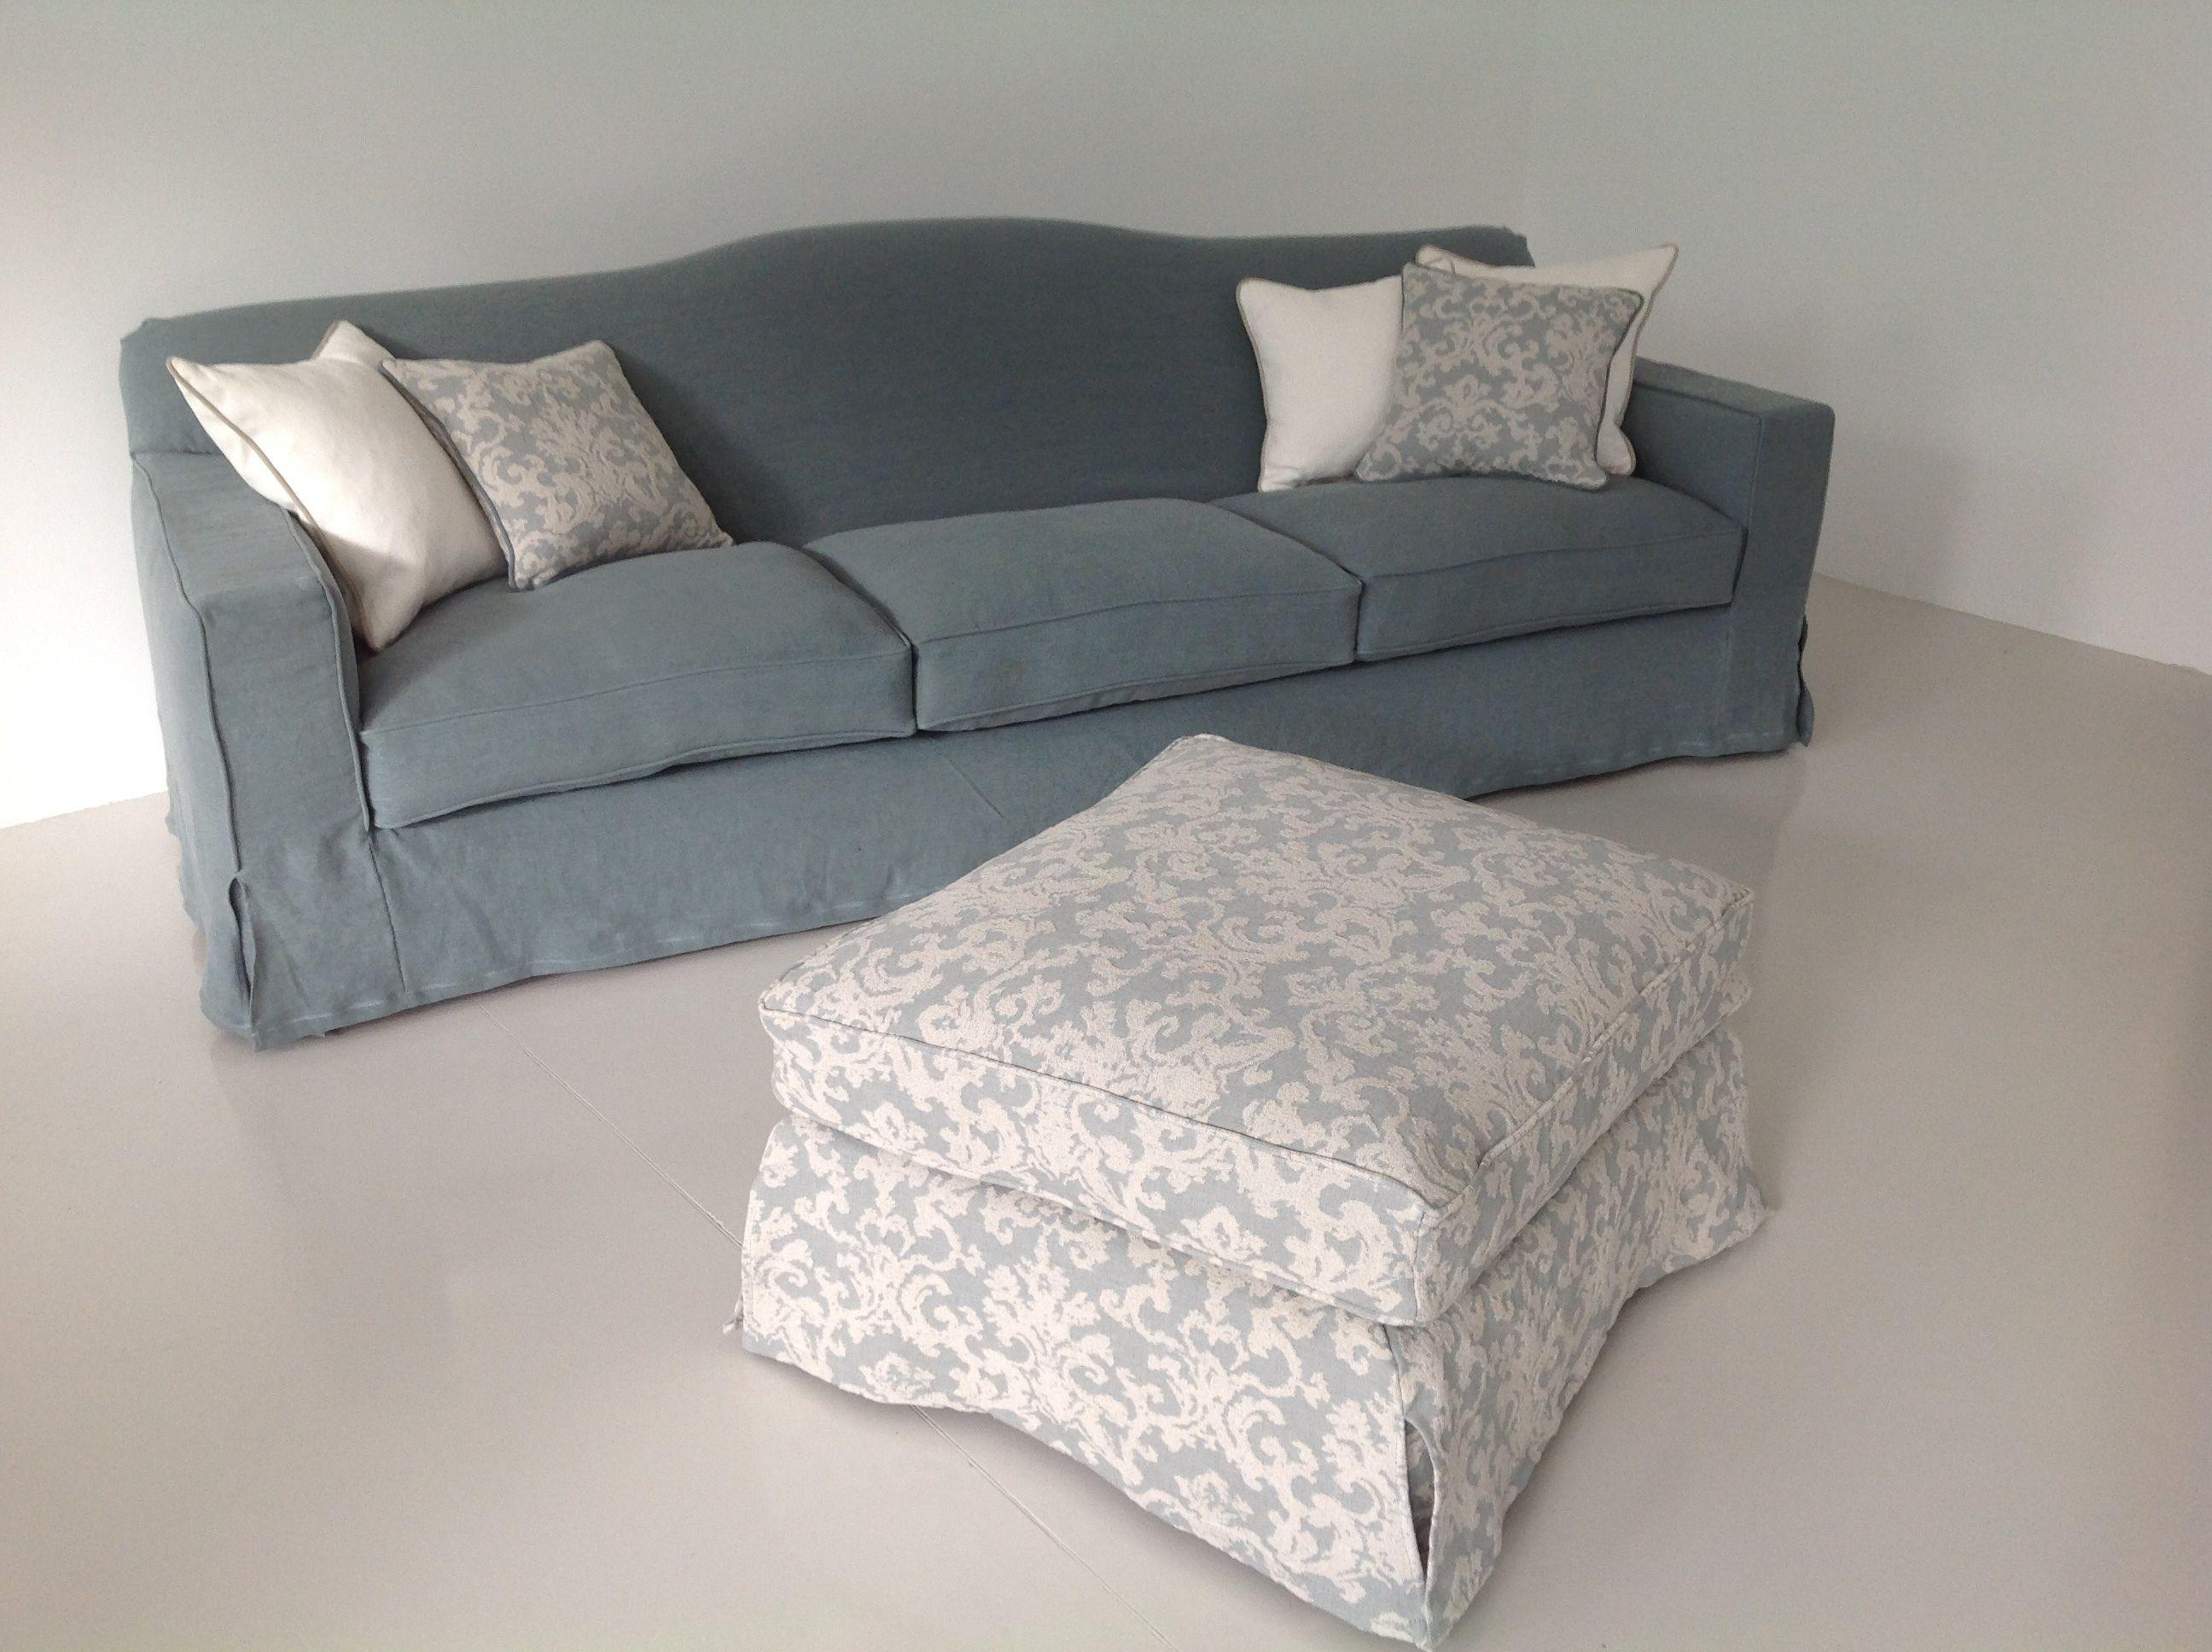 Divano cambridge in lino froisse 39 con cuscini arred e for Cuscini arredo divano